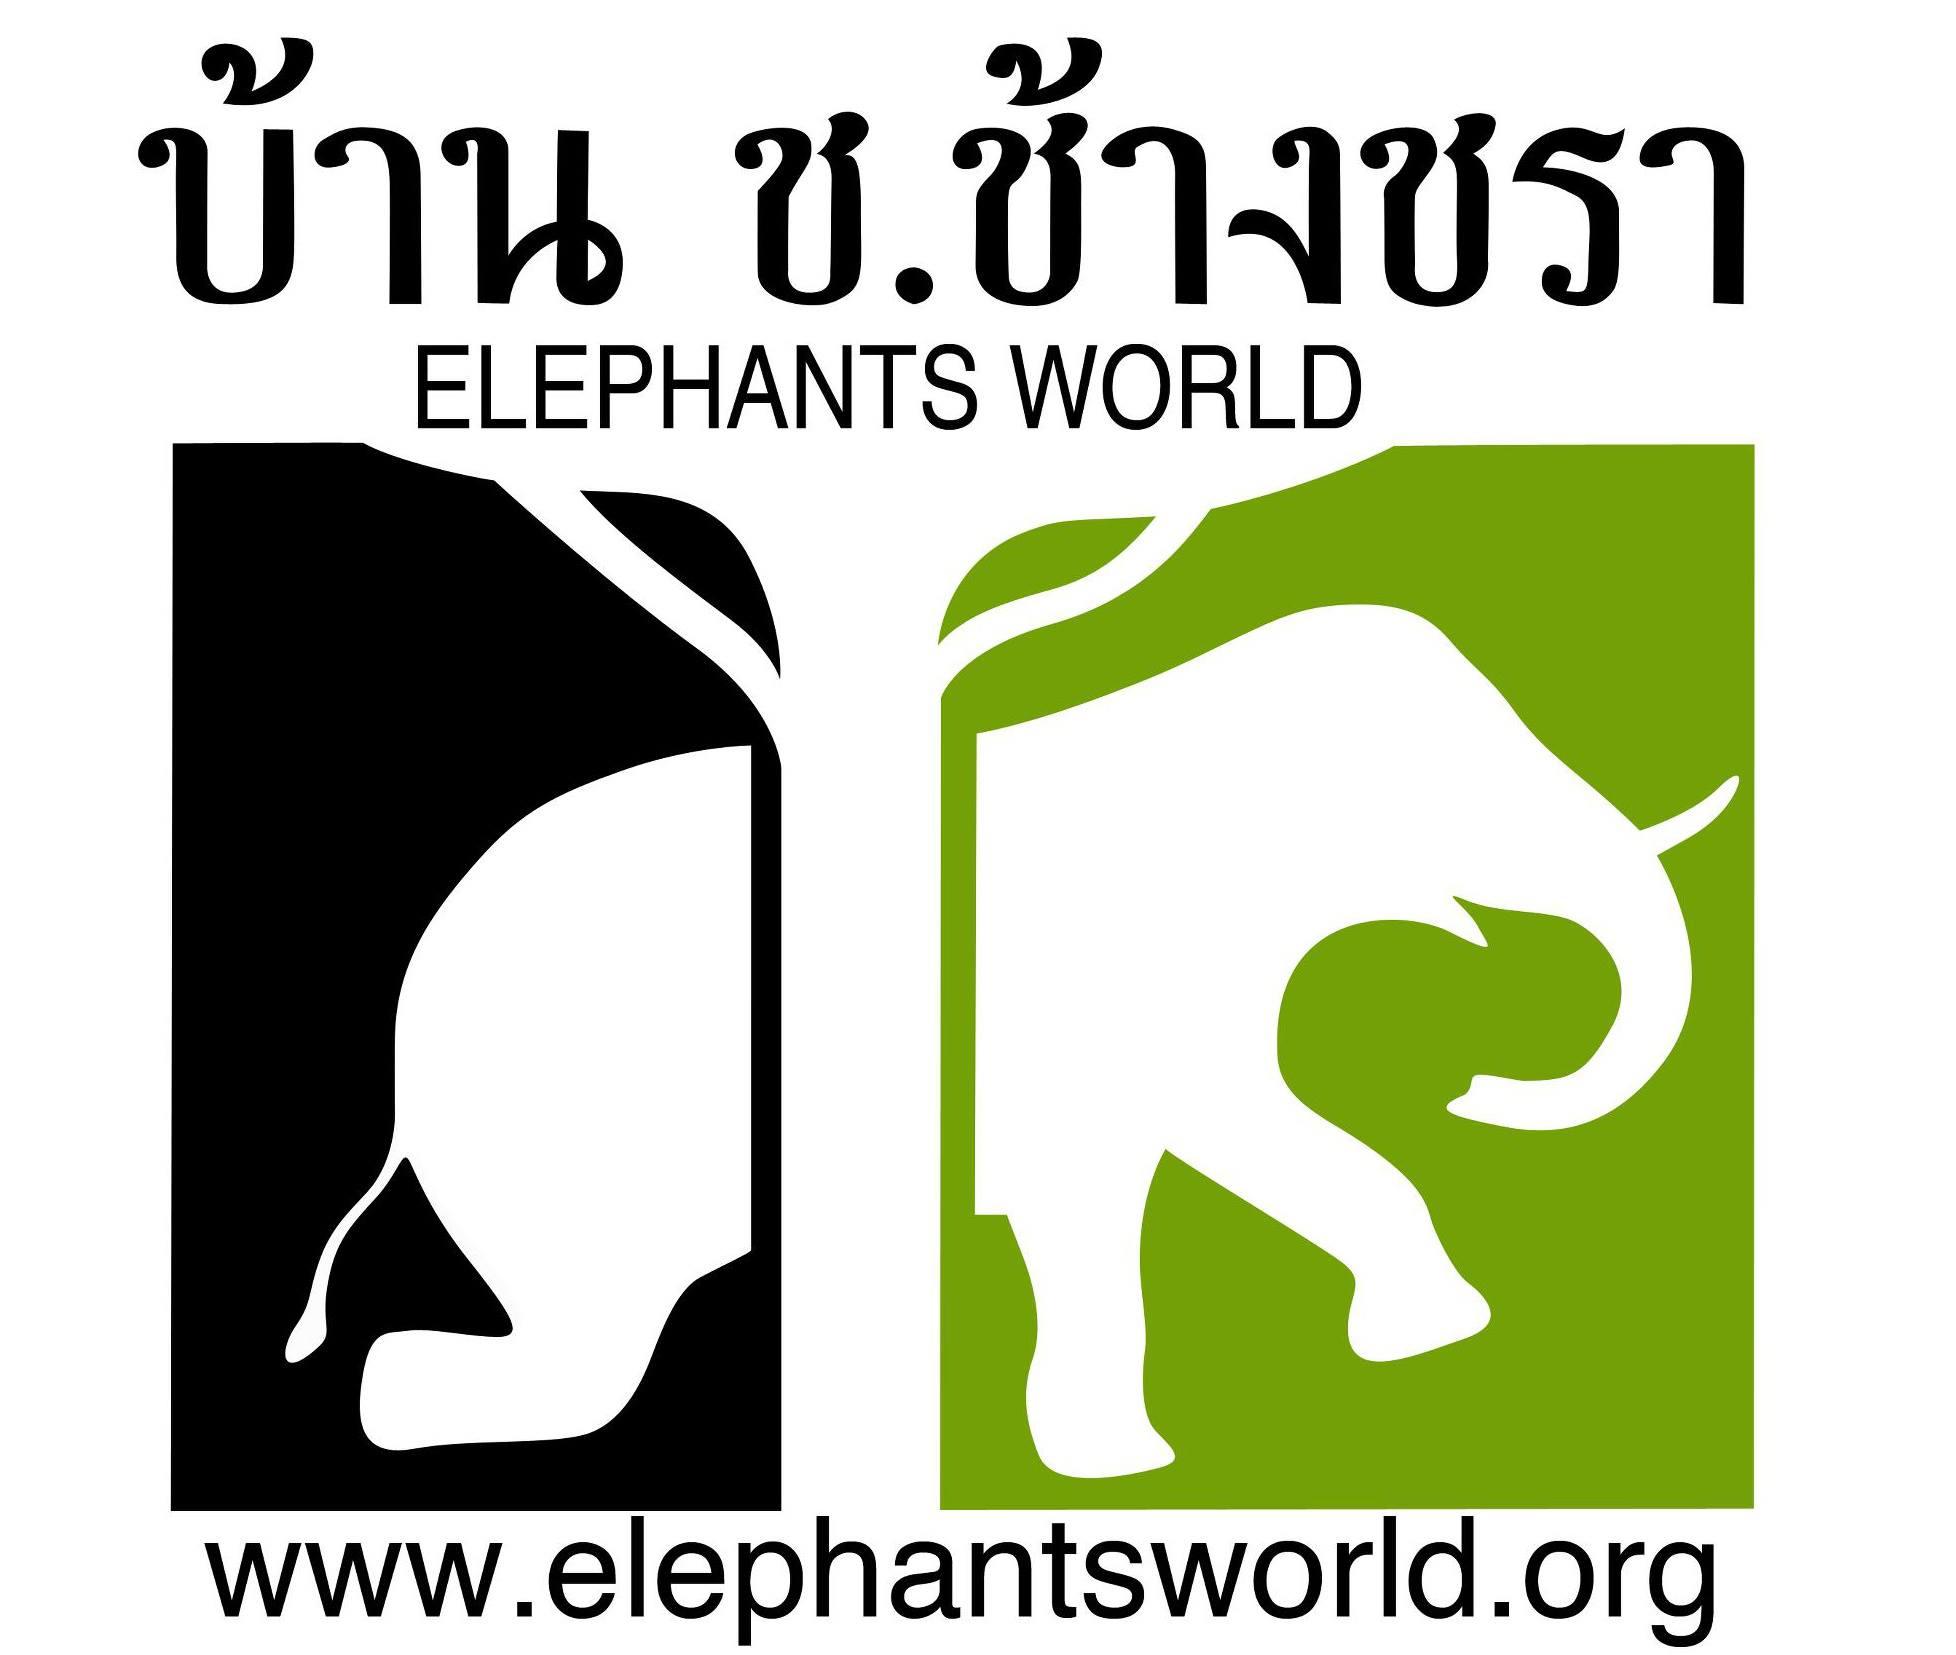 เมื่อวันที่ 2 พฤศจิกายน 2556 คุณปัญญา เศรษฐโภคิน ประธานบริหาร บริษัท บลู แอนด์ ไวท์กรุ๊ป ได้มอบรถบรรทุกให้กับมูลนิธิ บ้าน ช.ช้างชรา ไว้เพื่อบรรทุกอาหารให้กับช้างที่อยู่ในความดูแลของ บ้าน ช.ช้างชรา จังหวัดกาญจนบุรี ที่มีทั้งช้างแก่ ช้างป่วย และช้างเร่ร่อน ที่ไม่สามารถทำงานได้ ทั้งนี้อยากให้ทุกคนหันมาดูแลช้างกันมากขึ้น ซึงช้างถือได้ว่าเป็นสัตว์คู่บ้านคู่เมืองของประเทศไทยเรามาแต่สมัยโบราณ